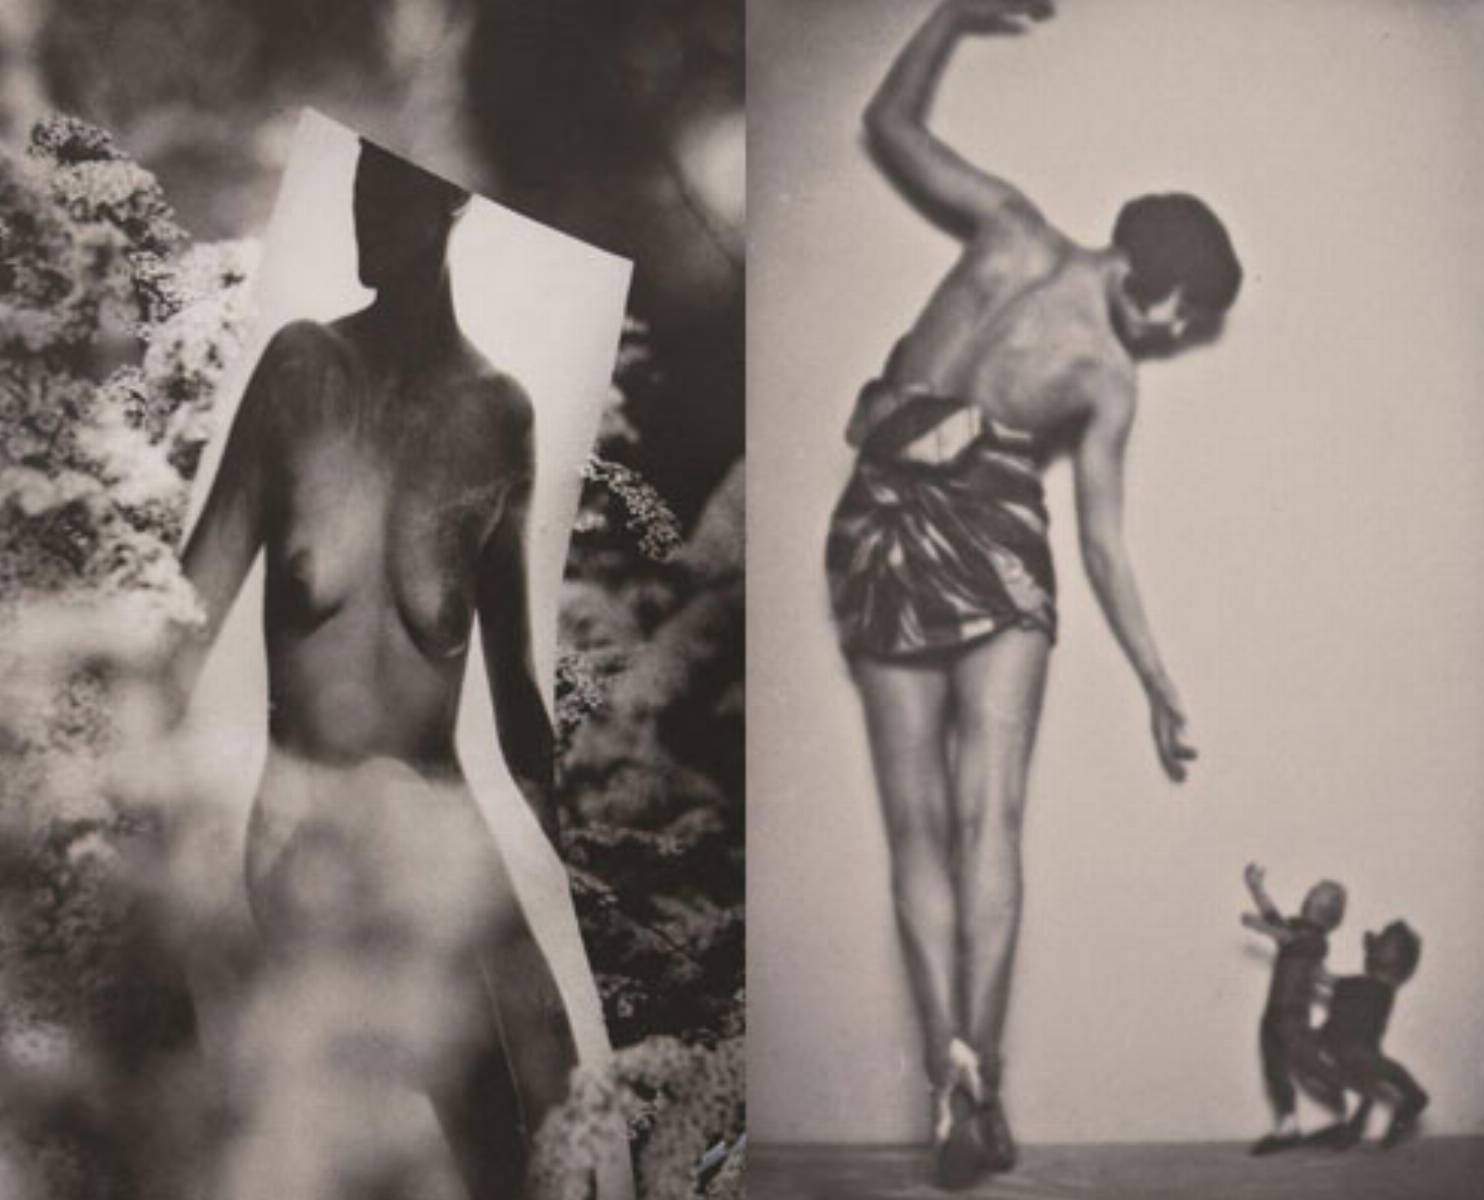 Wystawa fotografii z kolekcji Joanny i Krzysztofa Madelskich (2)